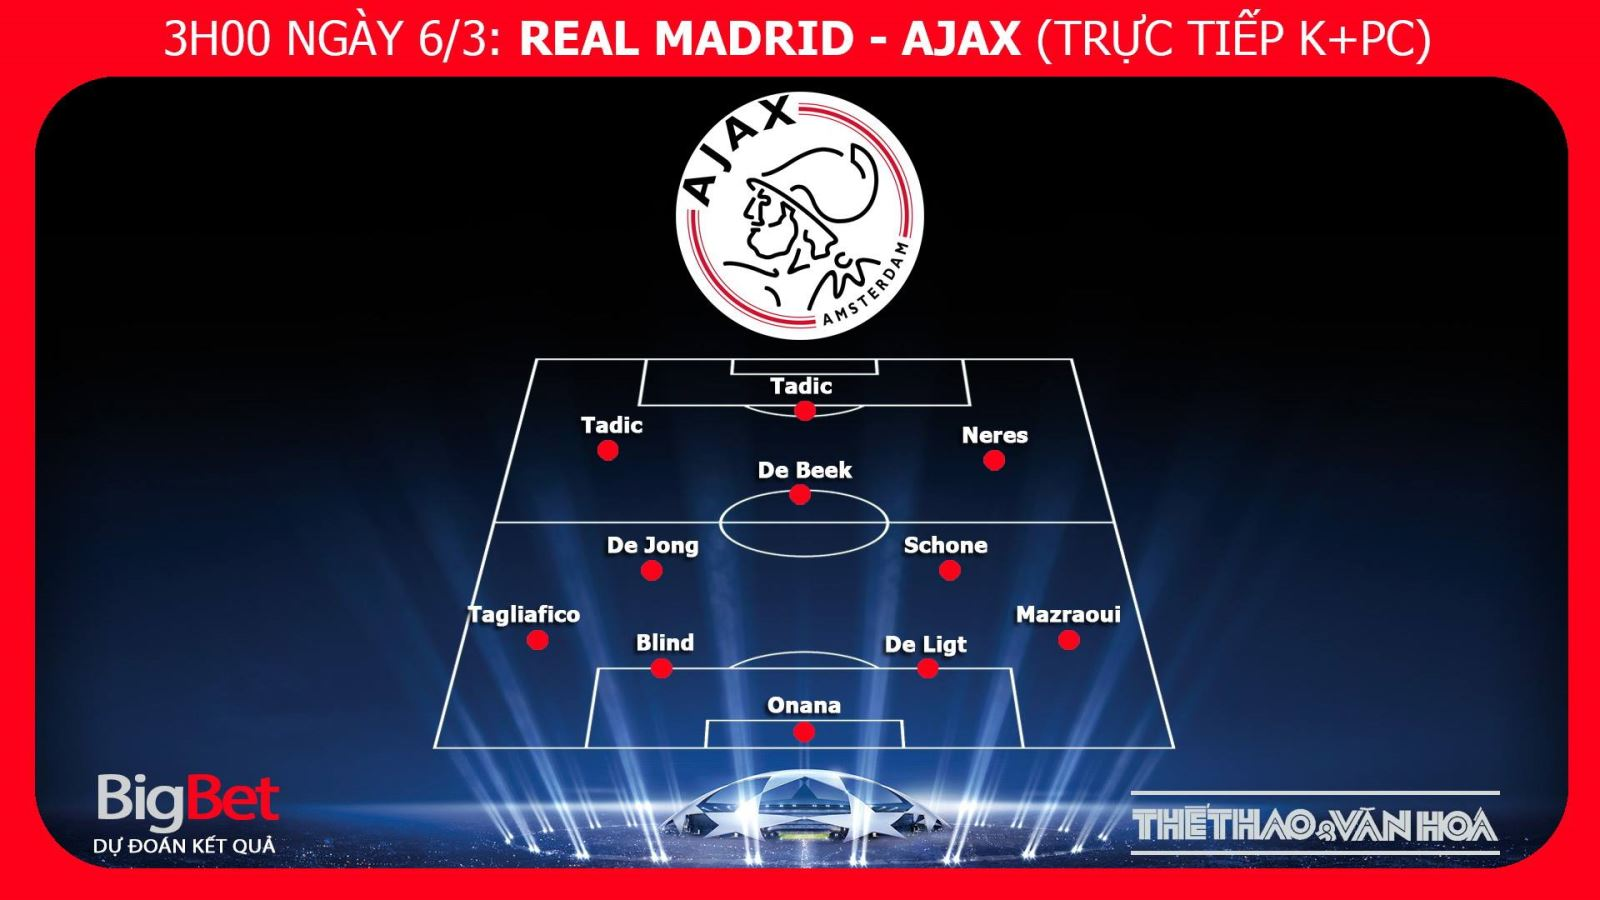 kèo Real Madrid vs Ajax , kèo real madrid, soi kèo  Real Madrid vs Ajax, dự đoán bóng đá Real Madrid Ajax , truc tiep bong da, truc tiep C1, cup C1 trực tiếp bóng đá, trực tiếp Ajax, trực tiếp bóng đá